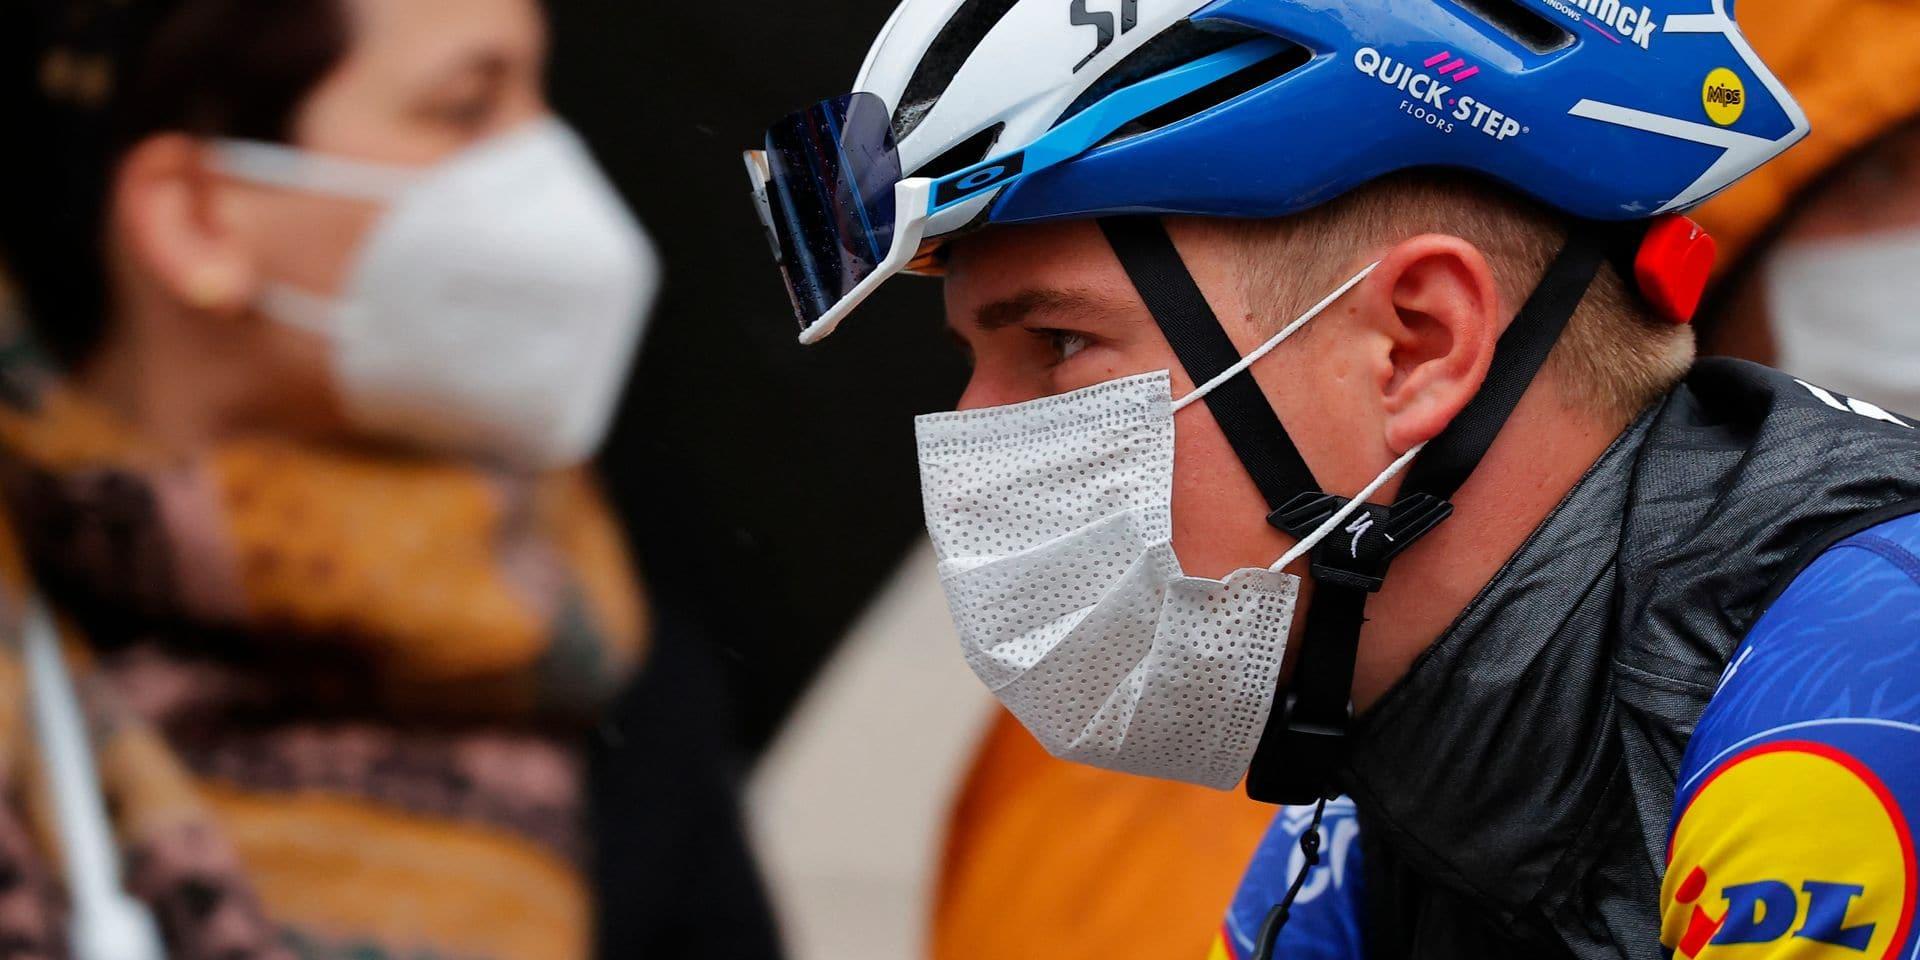 Tour d'Italie: Dombrowski remporte la 4e étape, Bernal et Landa grappillent sur Evenepoel